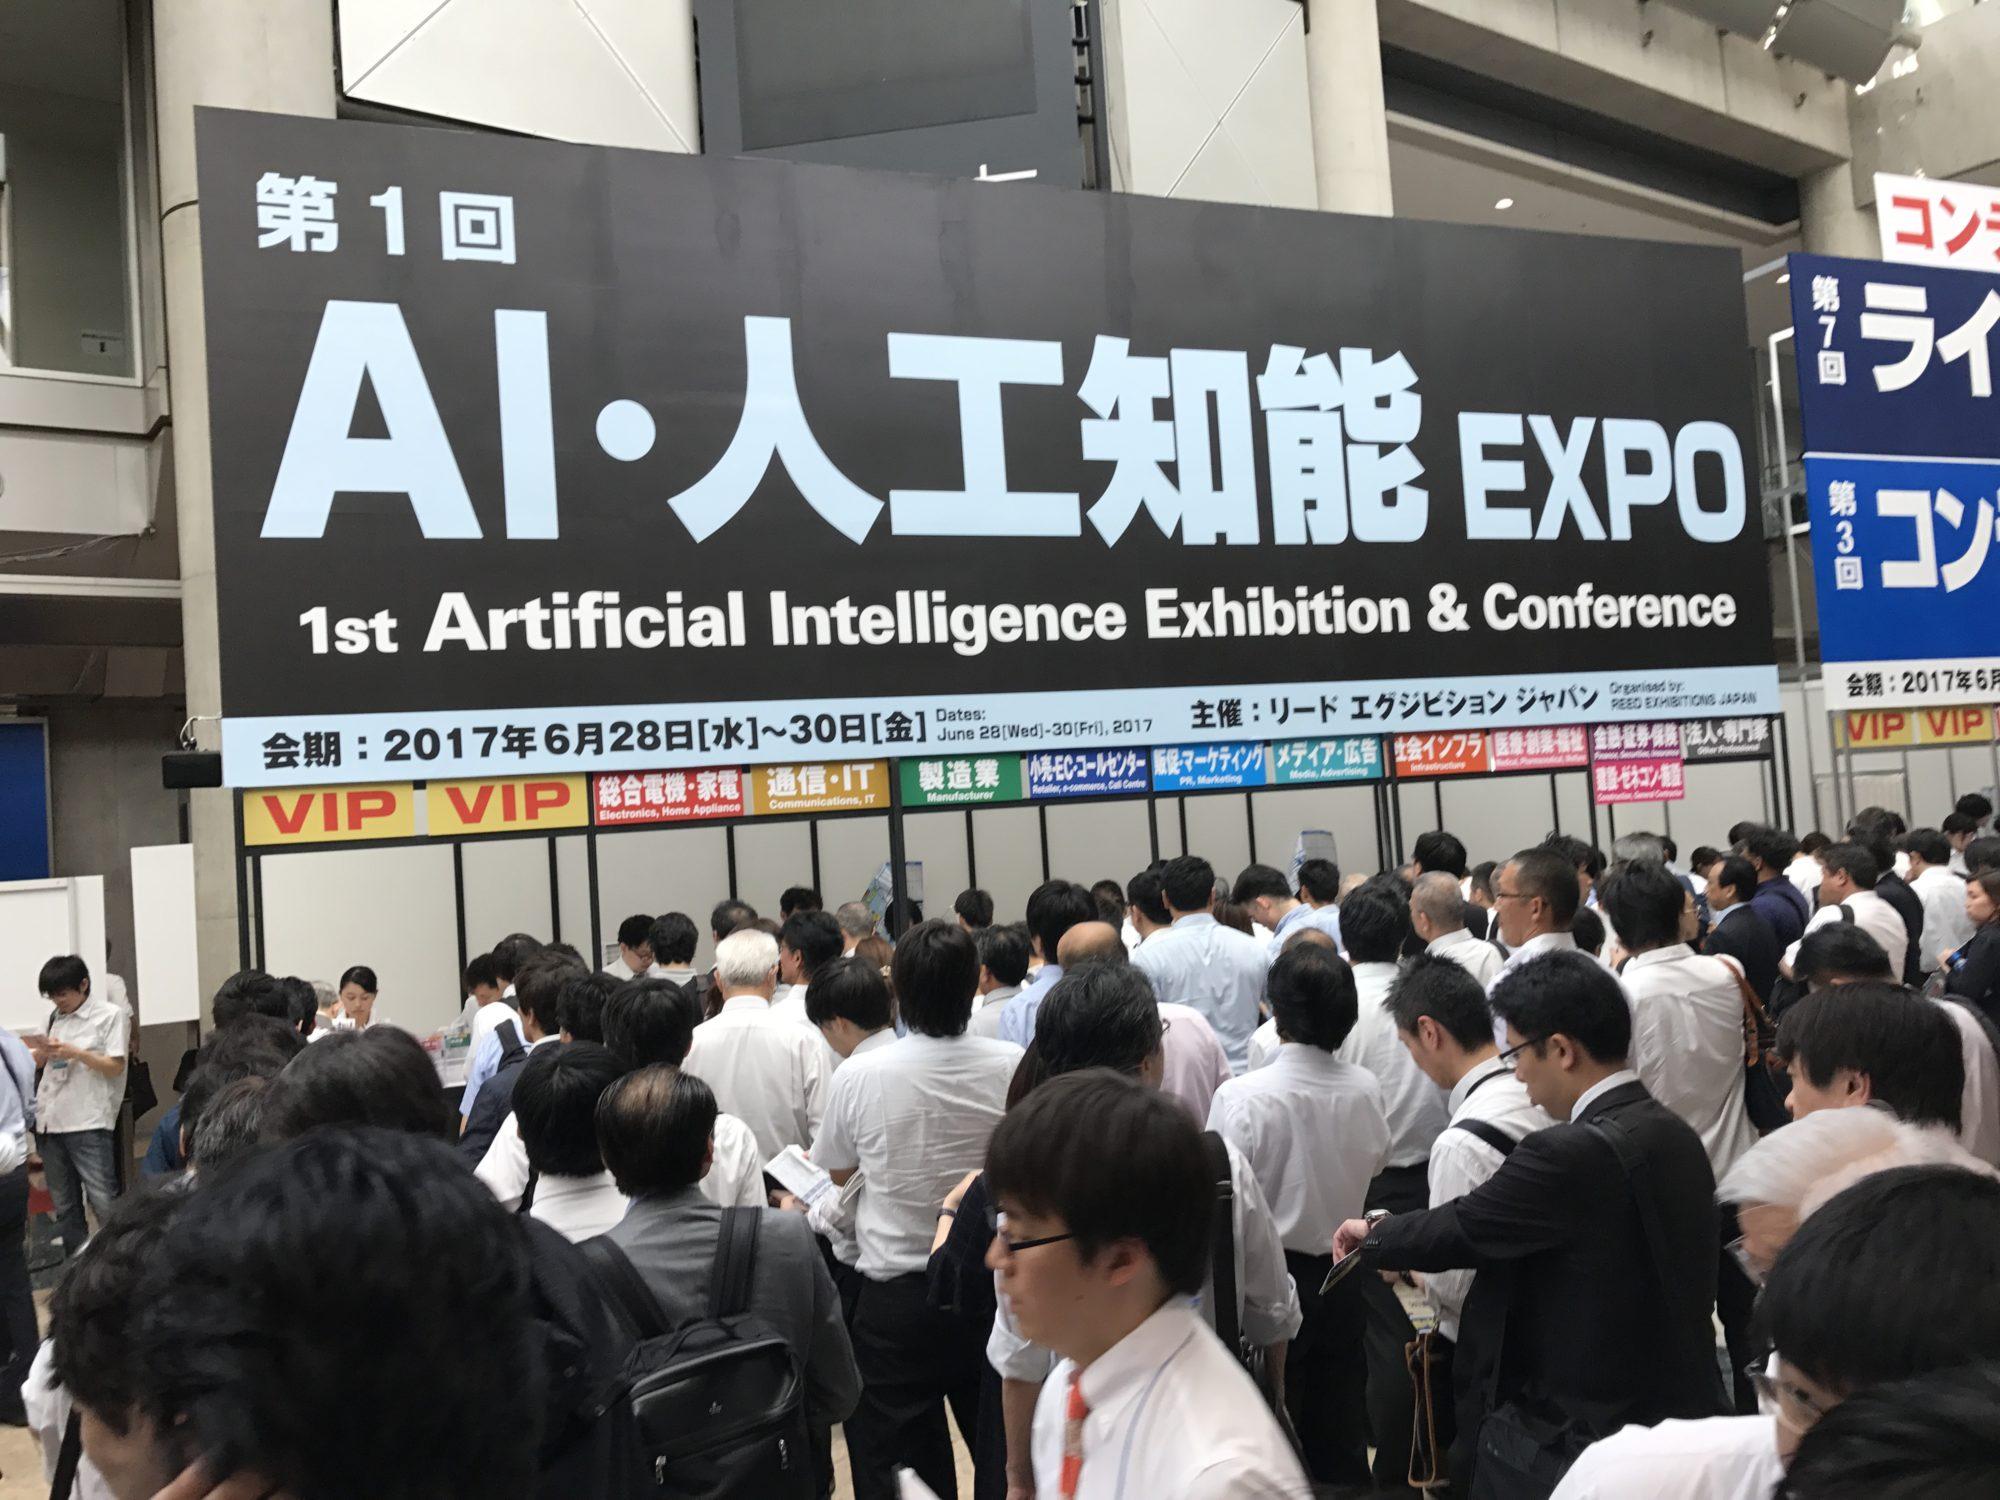 人工知能エクスポ